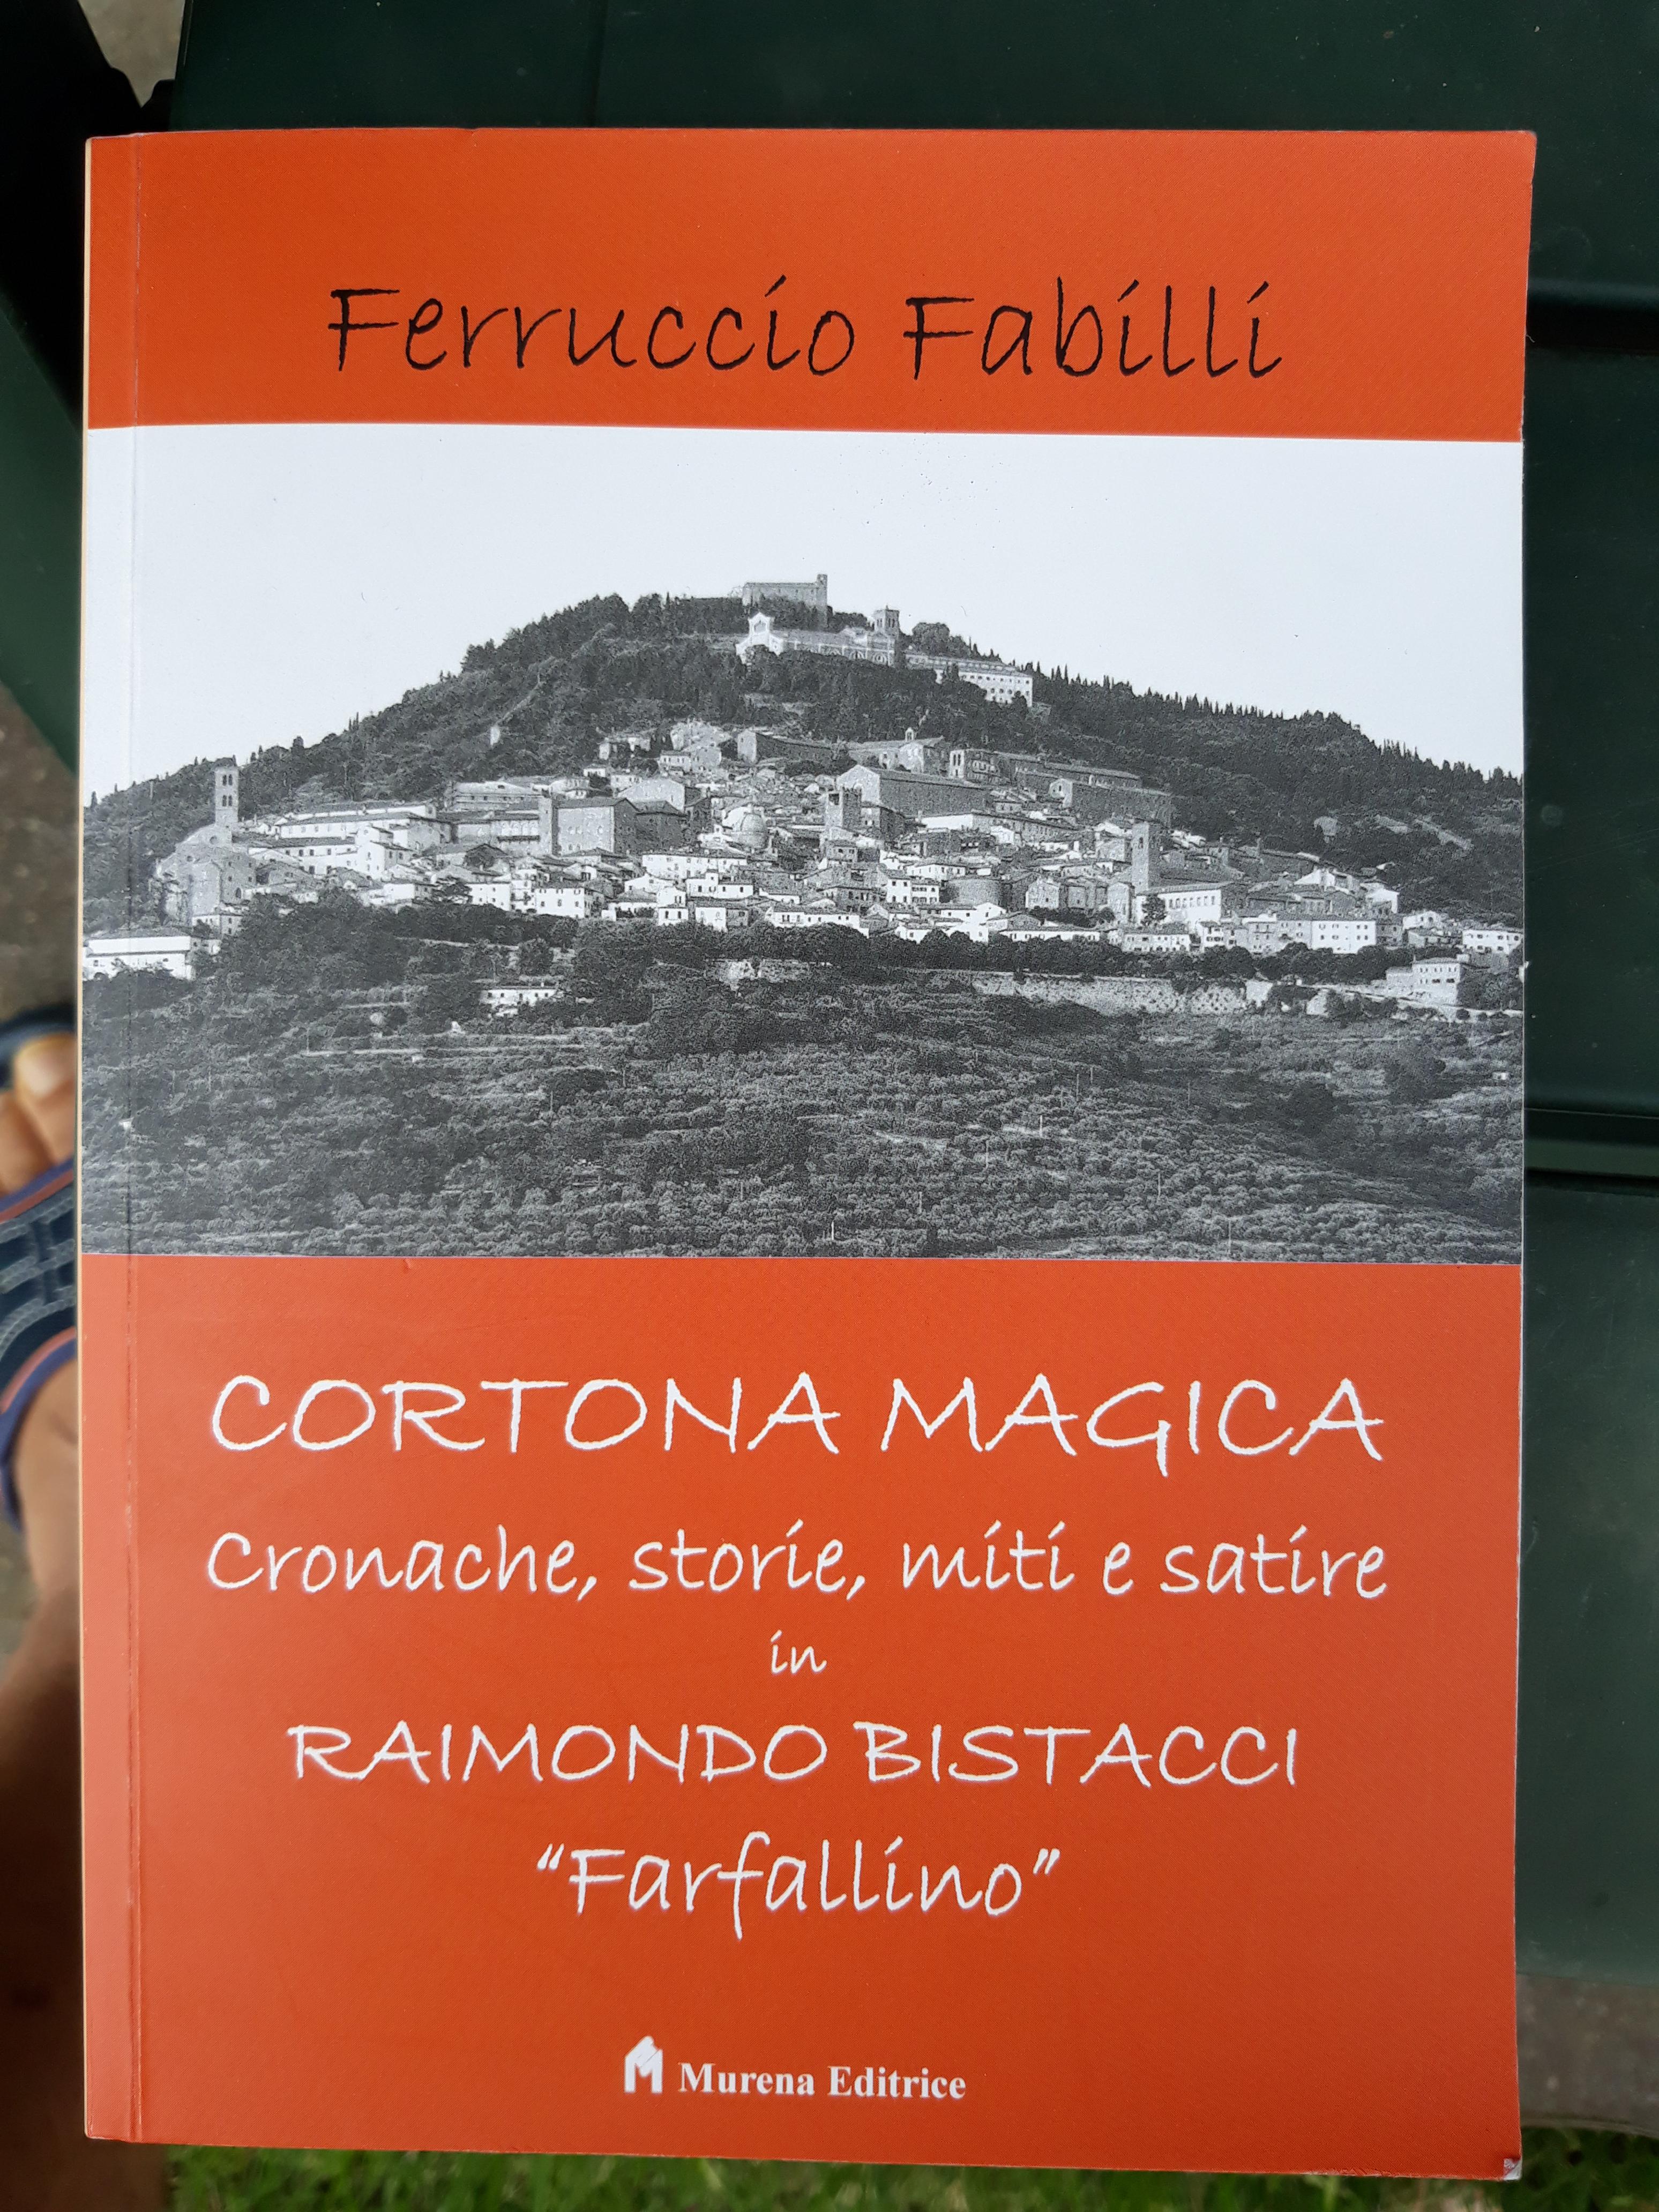 Cenni biografici su Raimondo Bistacci – Farfallino, giornalista